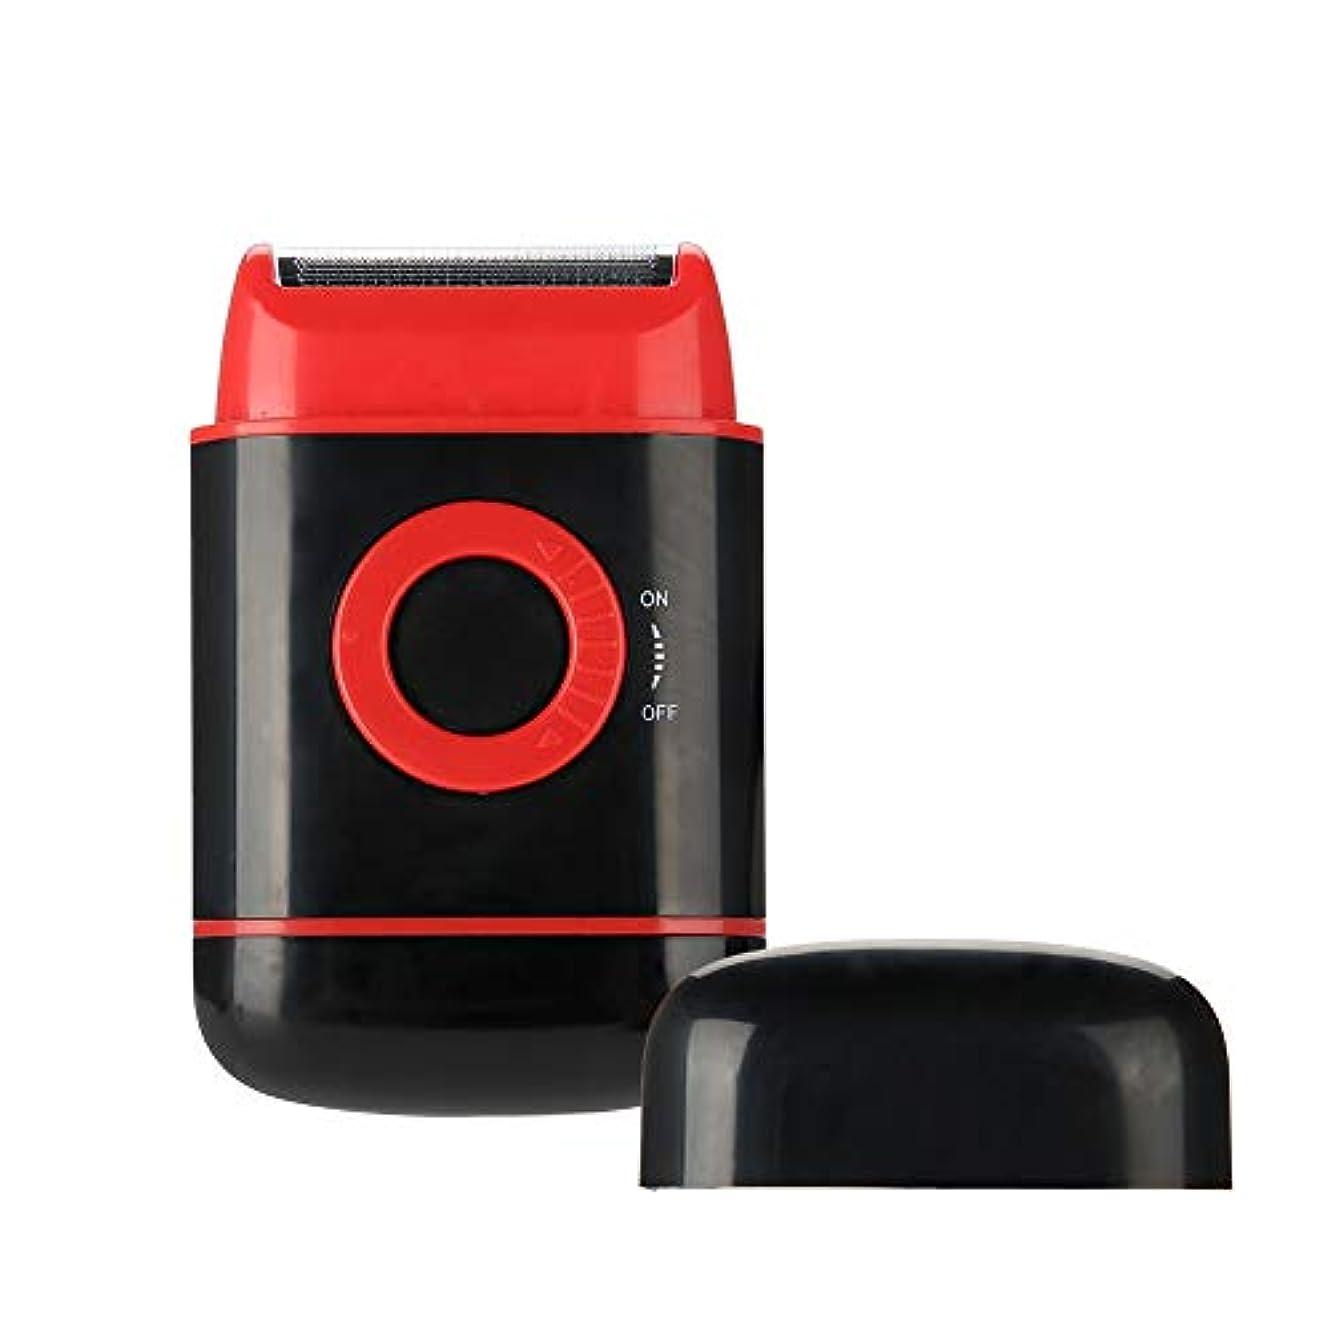 設計図セットアップ人類ひげそり 電気シェーバー 剃刀 男性 超薄型箔ポップアップひげトリマー単3電池のパワーシェービングカミソリ (レッド)